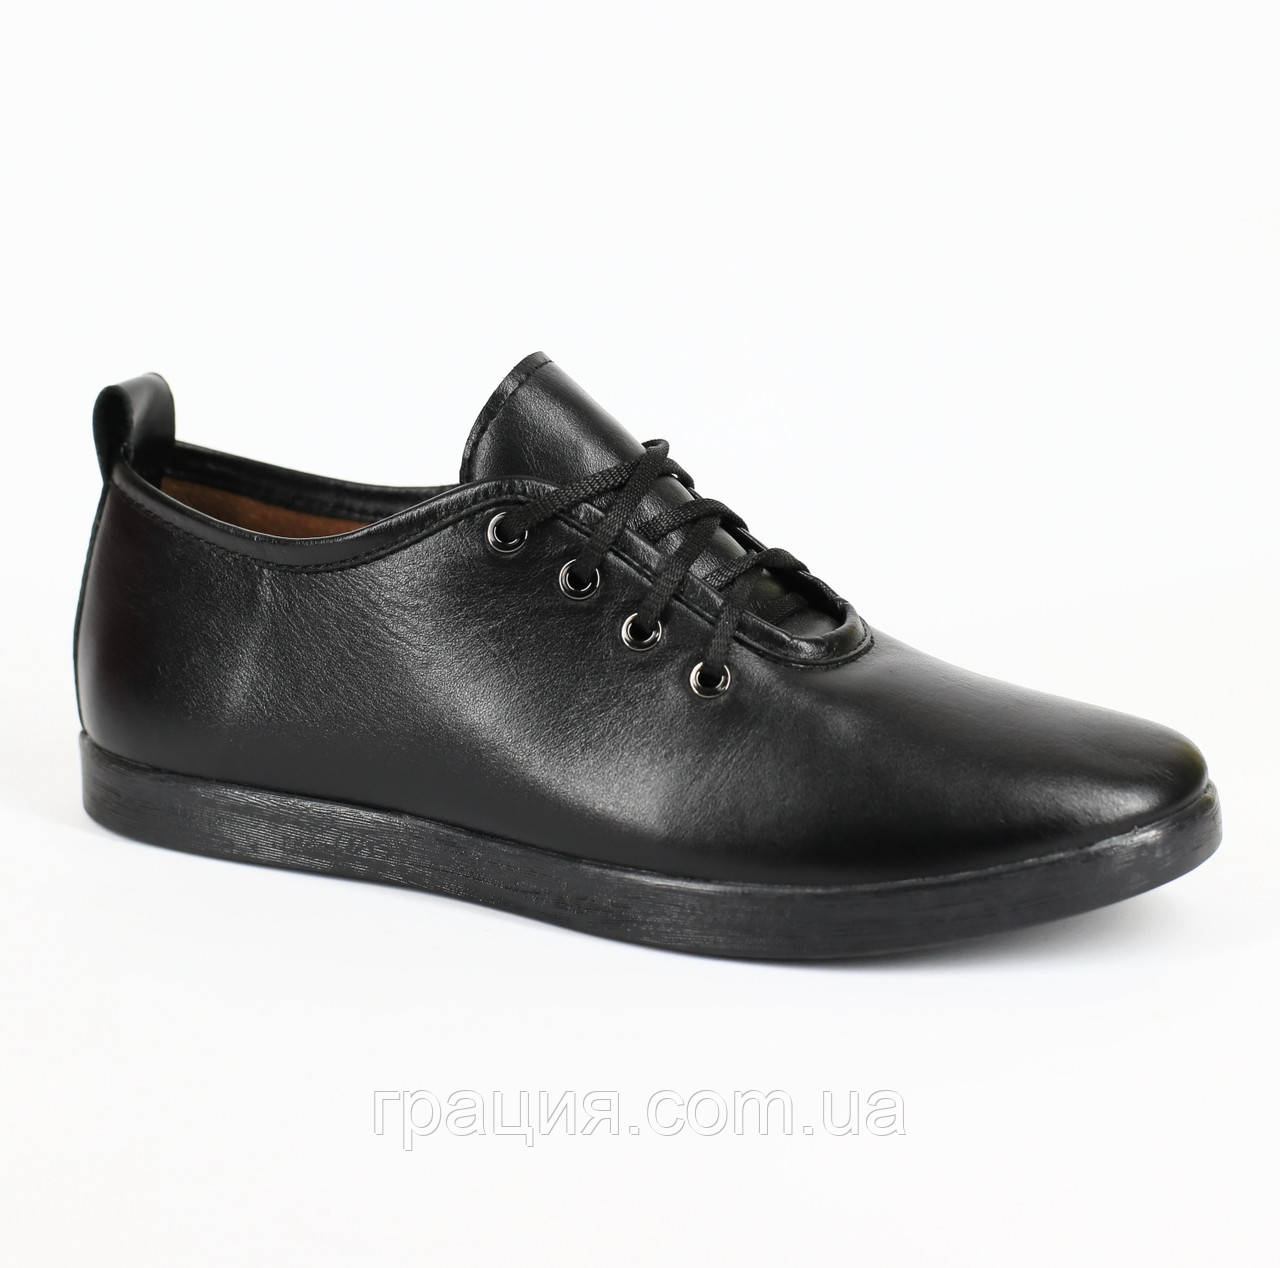 Туфли кожаные женские на шнуровке черные